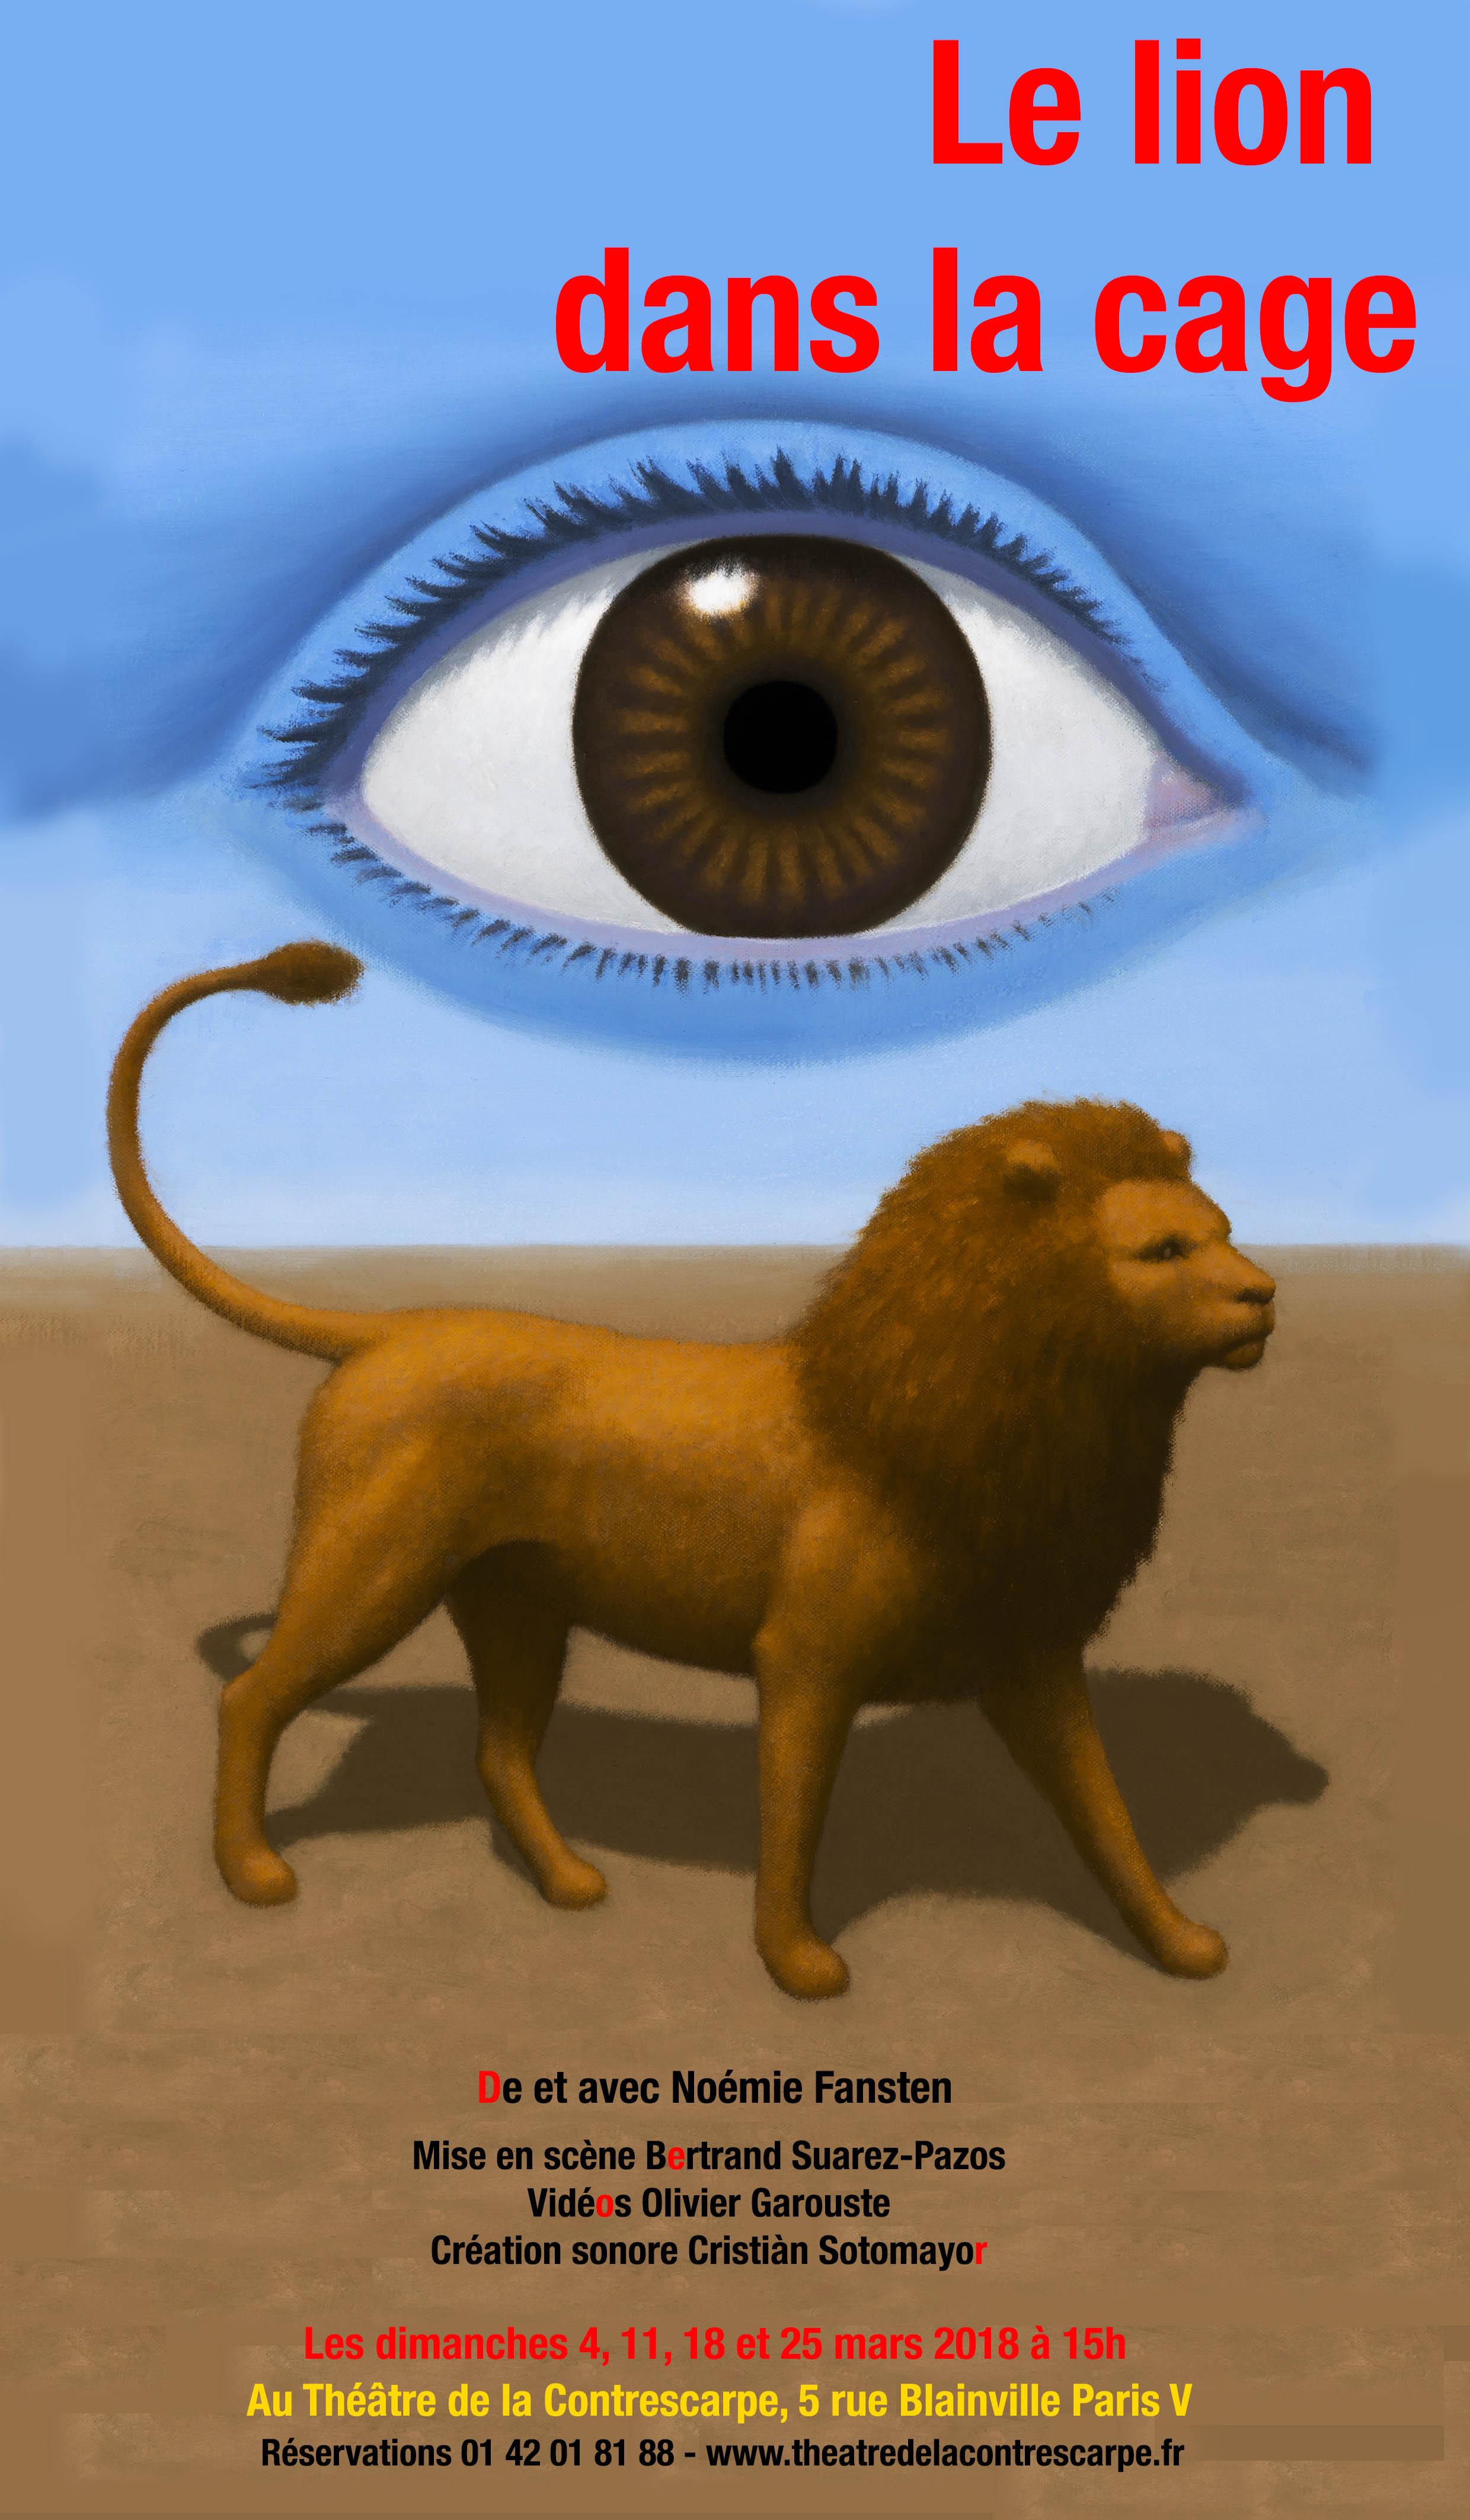 AFFICHE LION COTRESCARPE 2.jpg